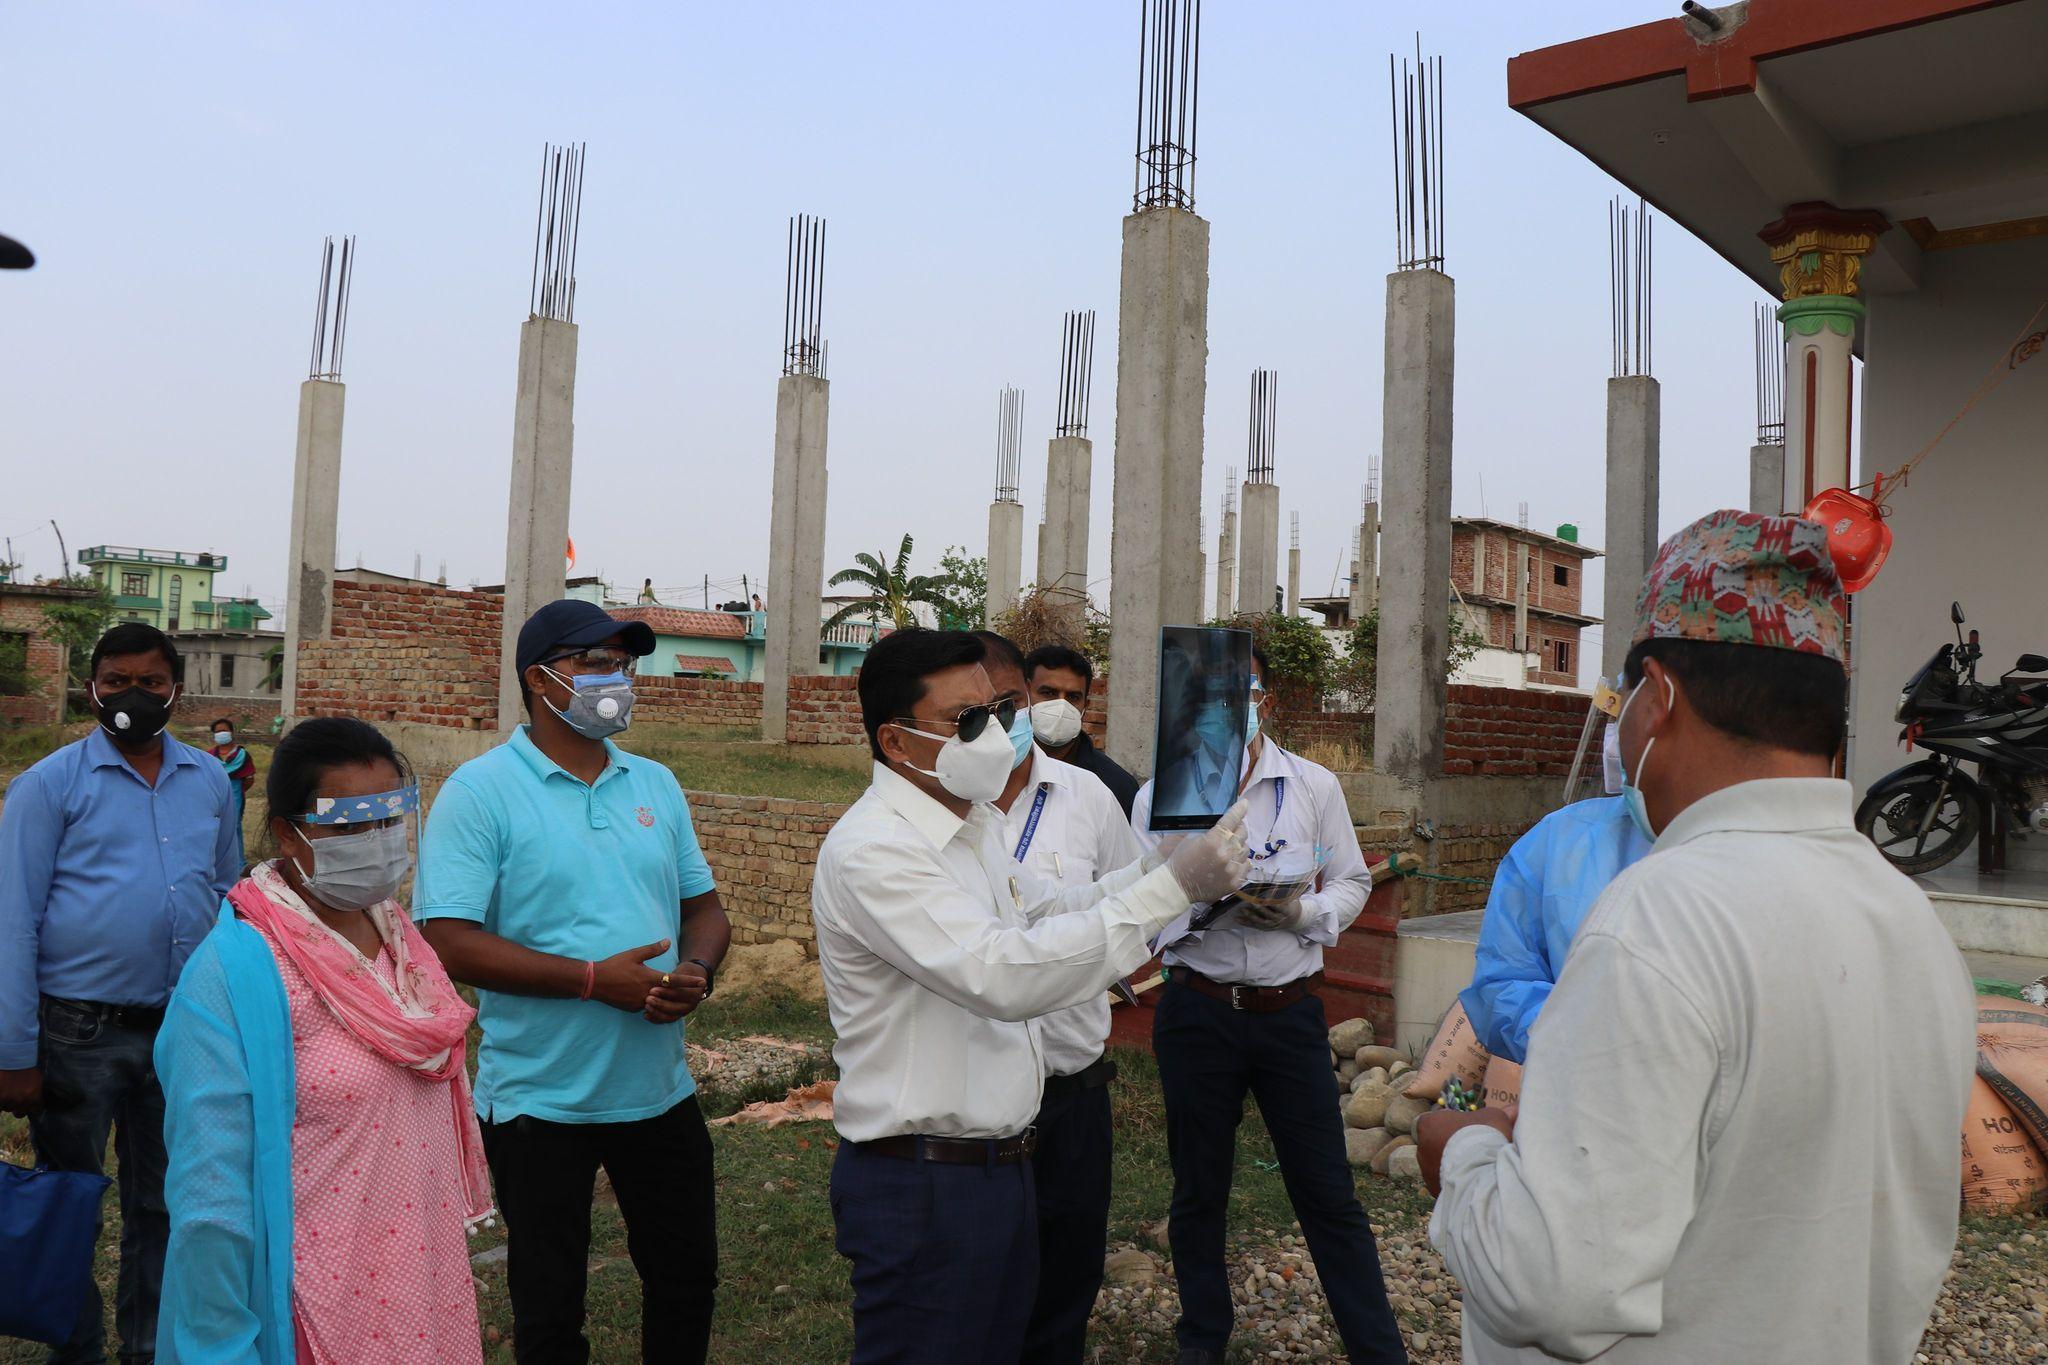 नेपालगञ्ज–१८ का जनप्रतिनिधि चिकित्सकसहितको सेवा लिएर संक्रमितको घरघरमा